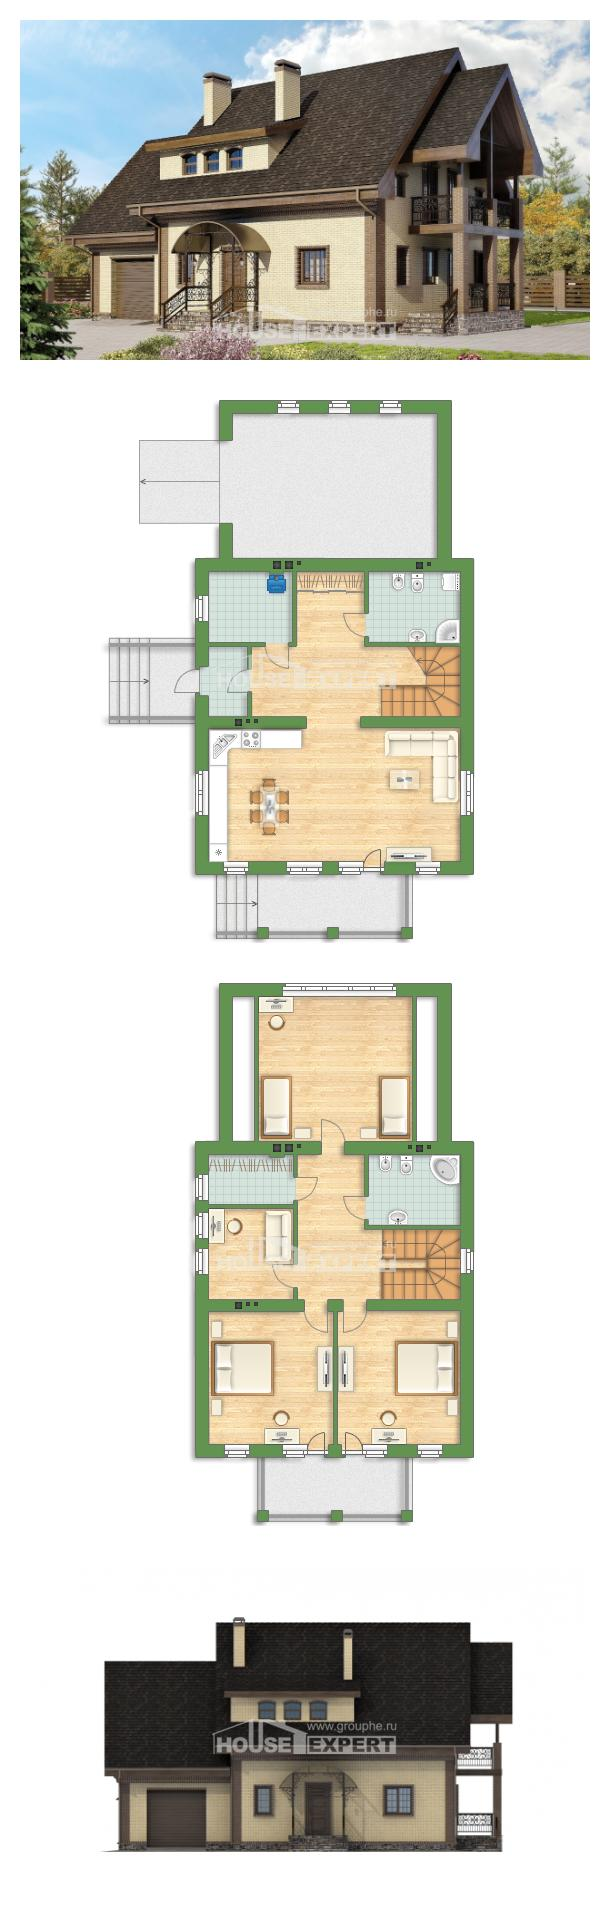 Plan 185-003-L | House Expert